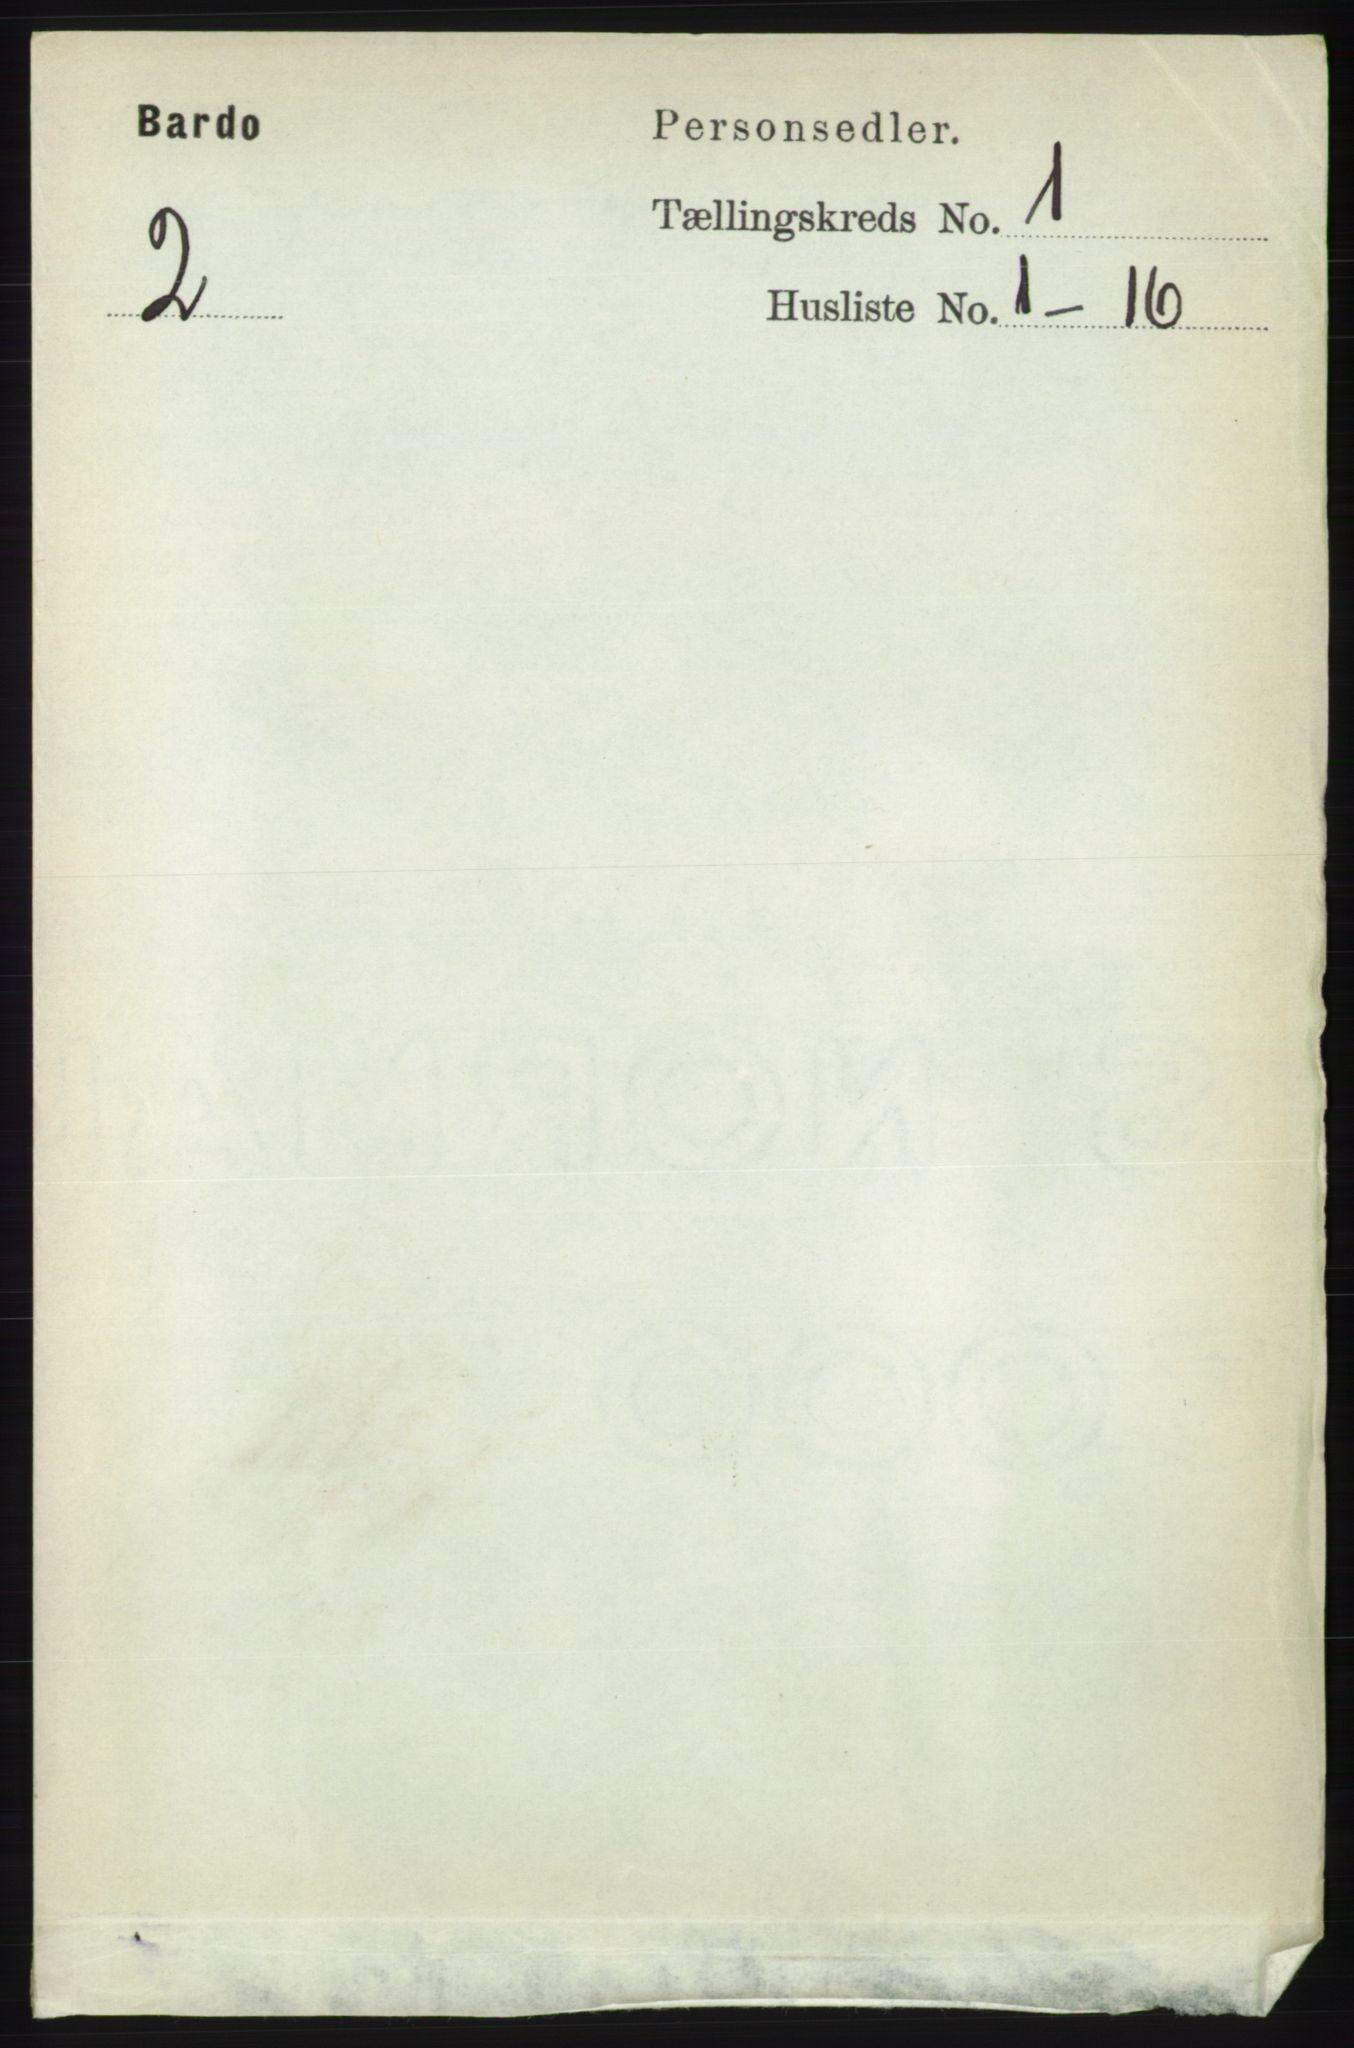 RA, Folketelling 1891 for 1922 Bardu herred, 1891, s. 57